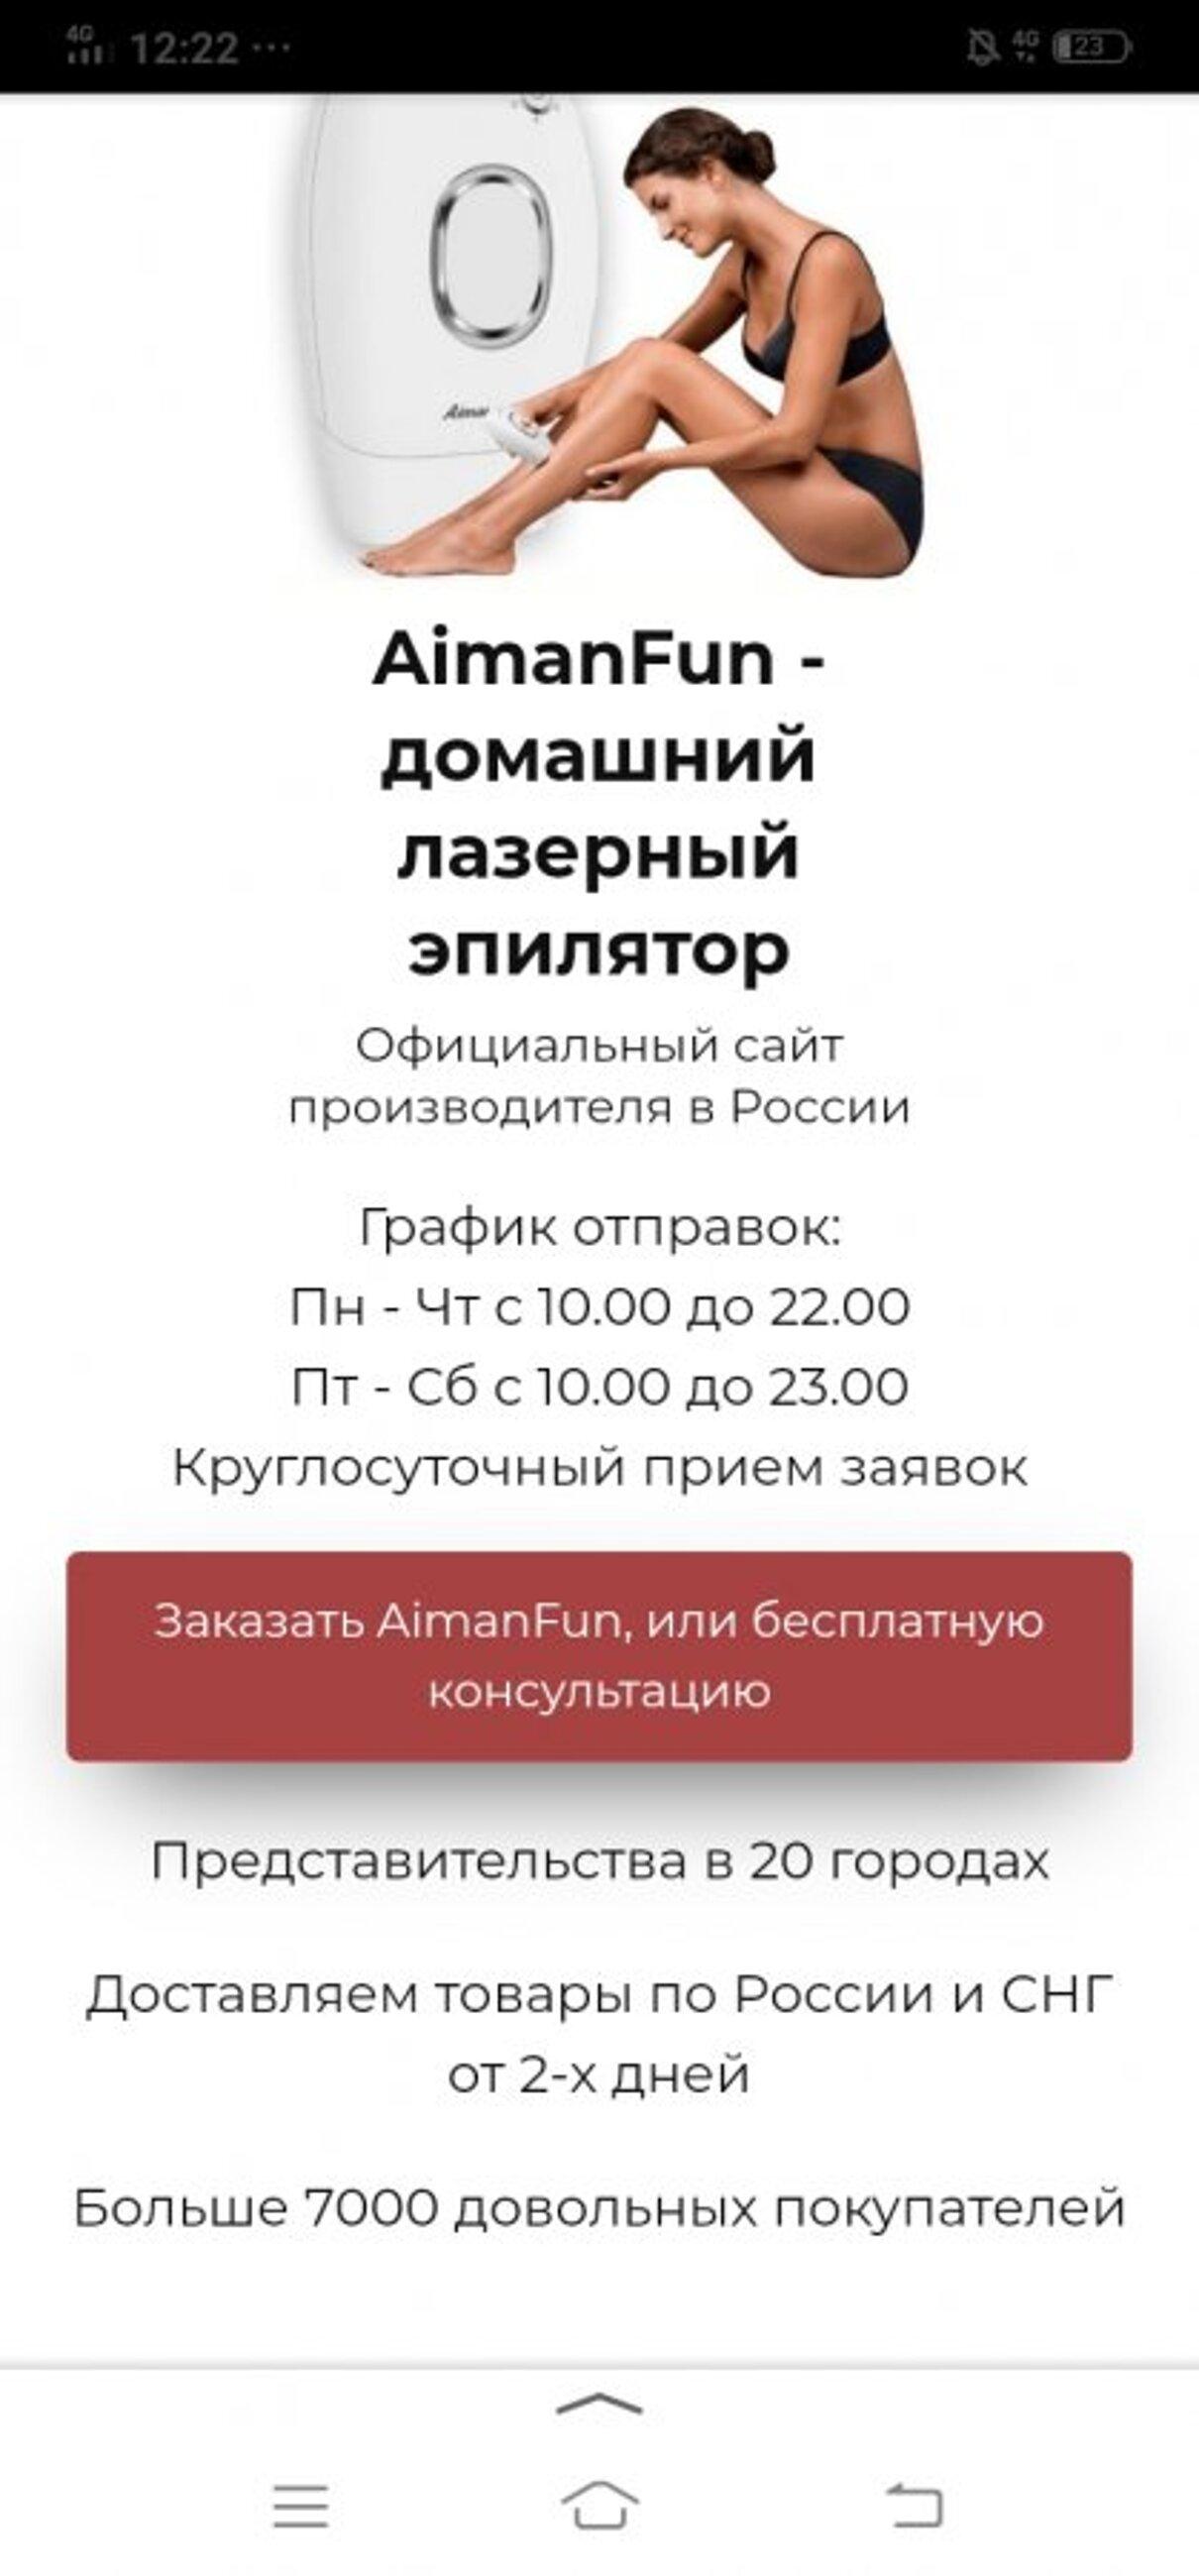 Жалоба-отзыв: ООО Лира, г. Подольск - Эпилятор Айманфун - обман!.  Фото №1